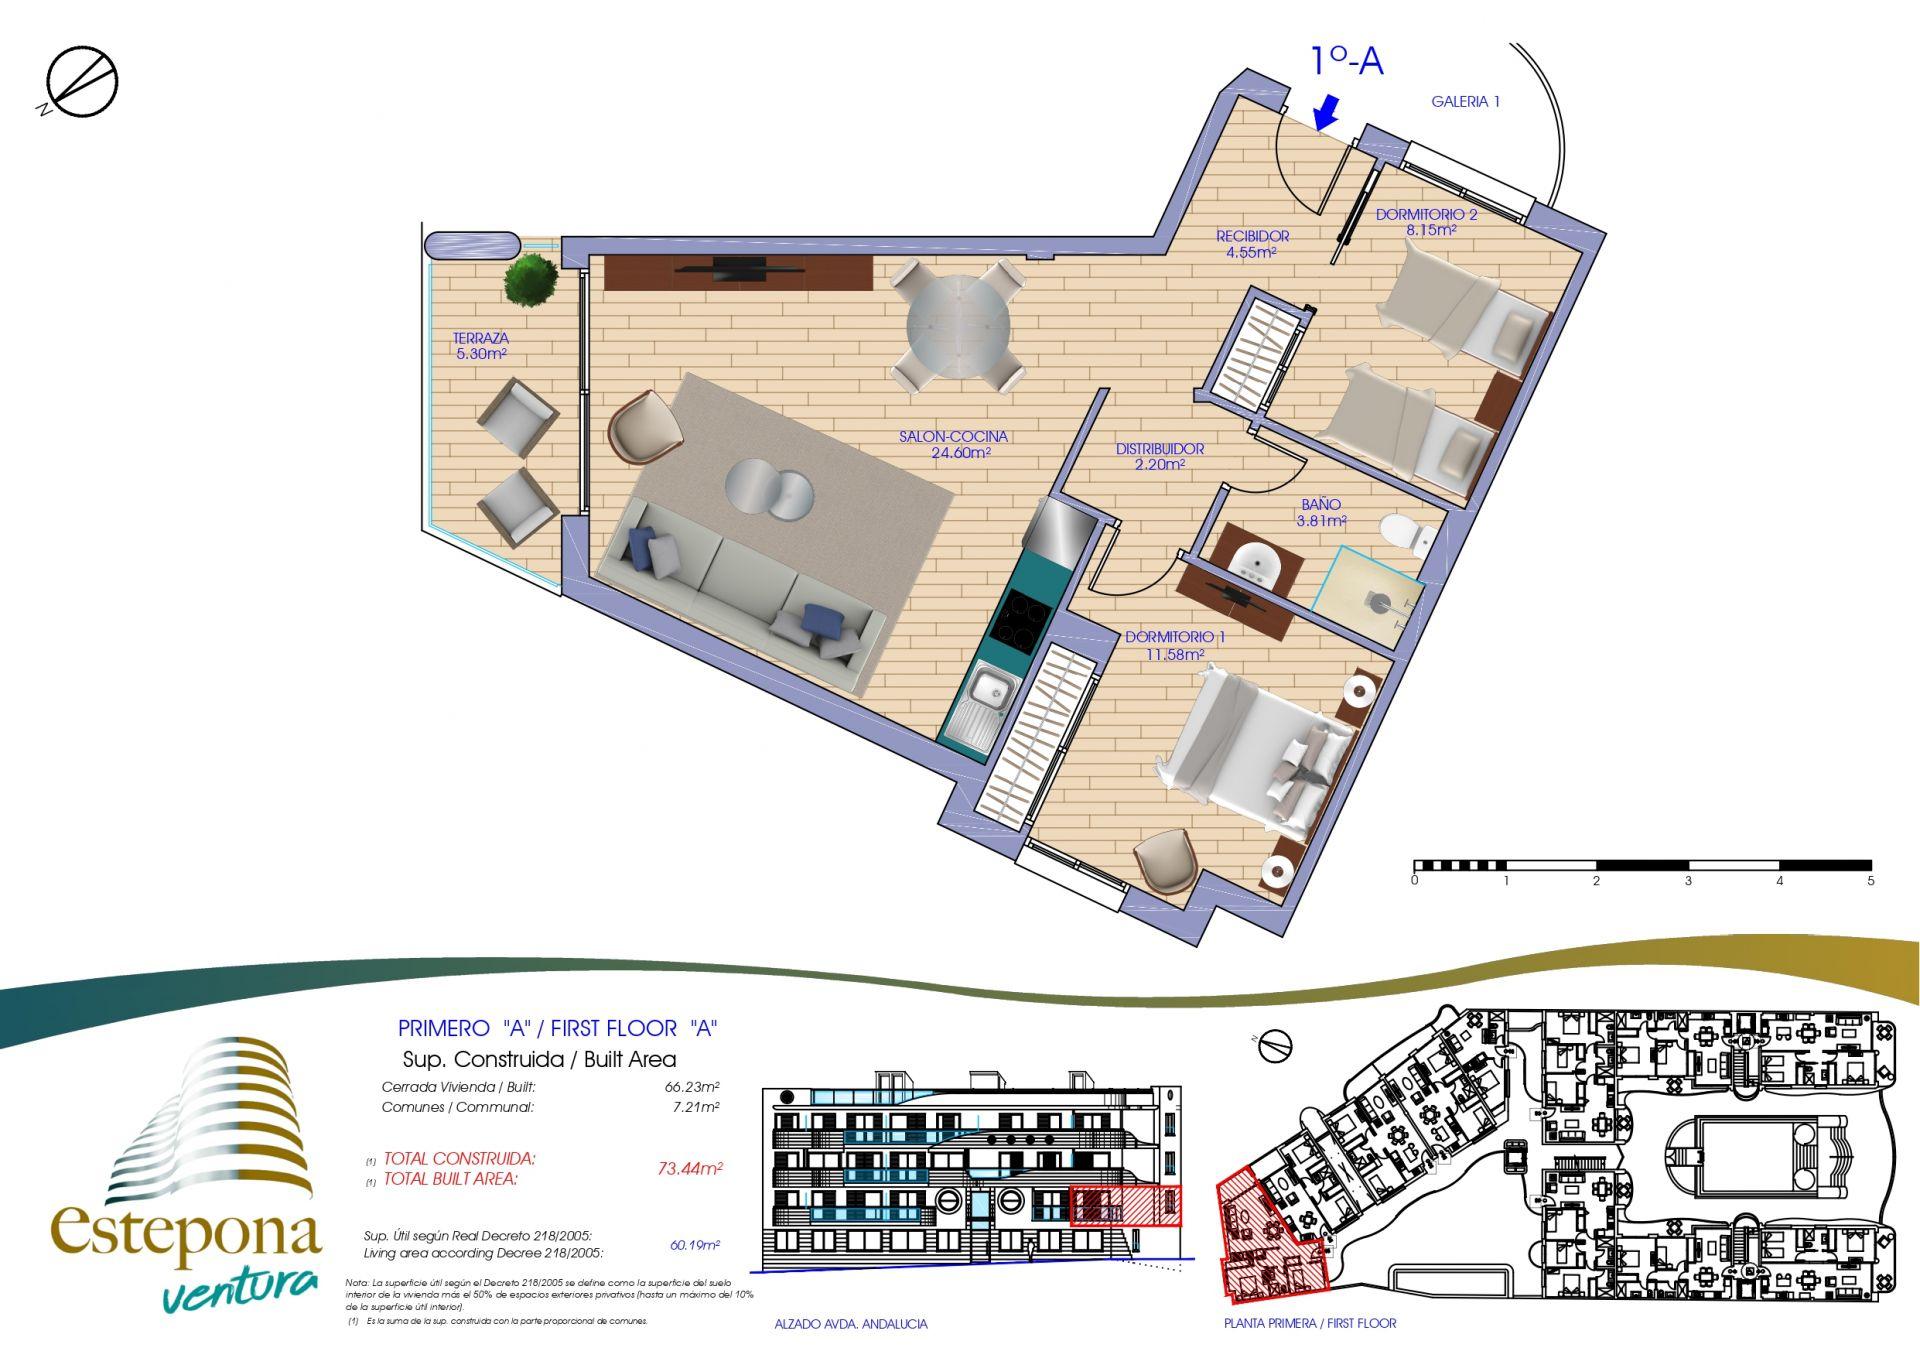 1a - Ventura Estepona | Compra de casa en Estepona